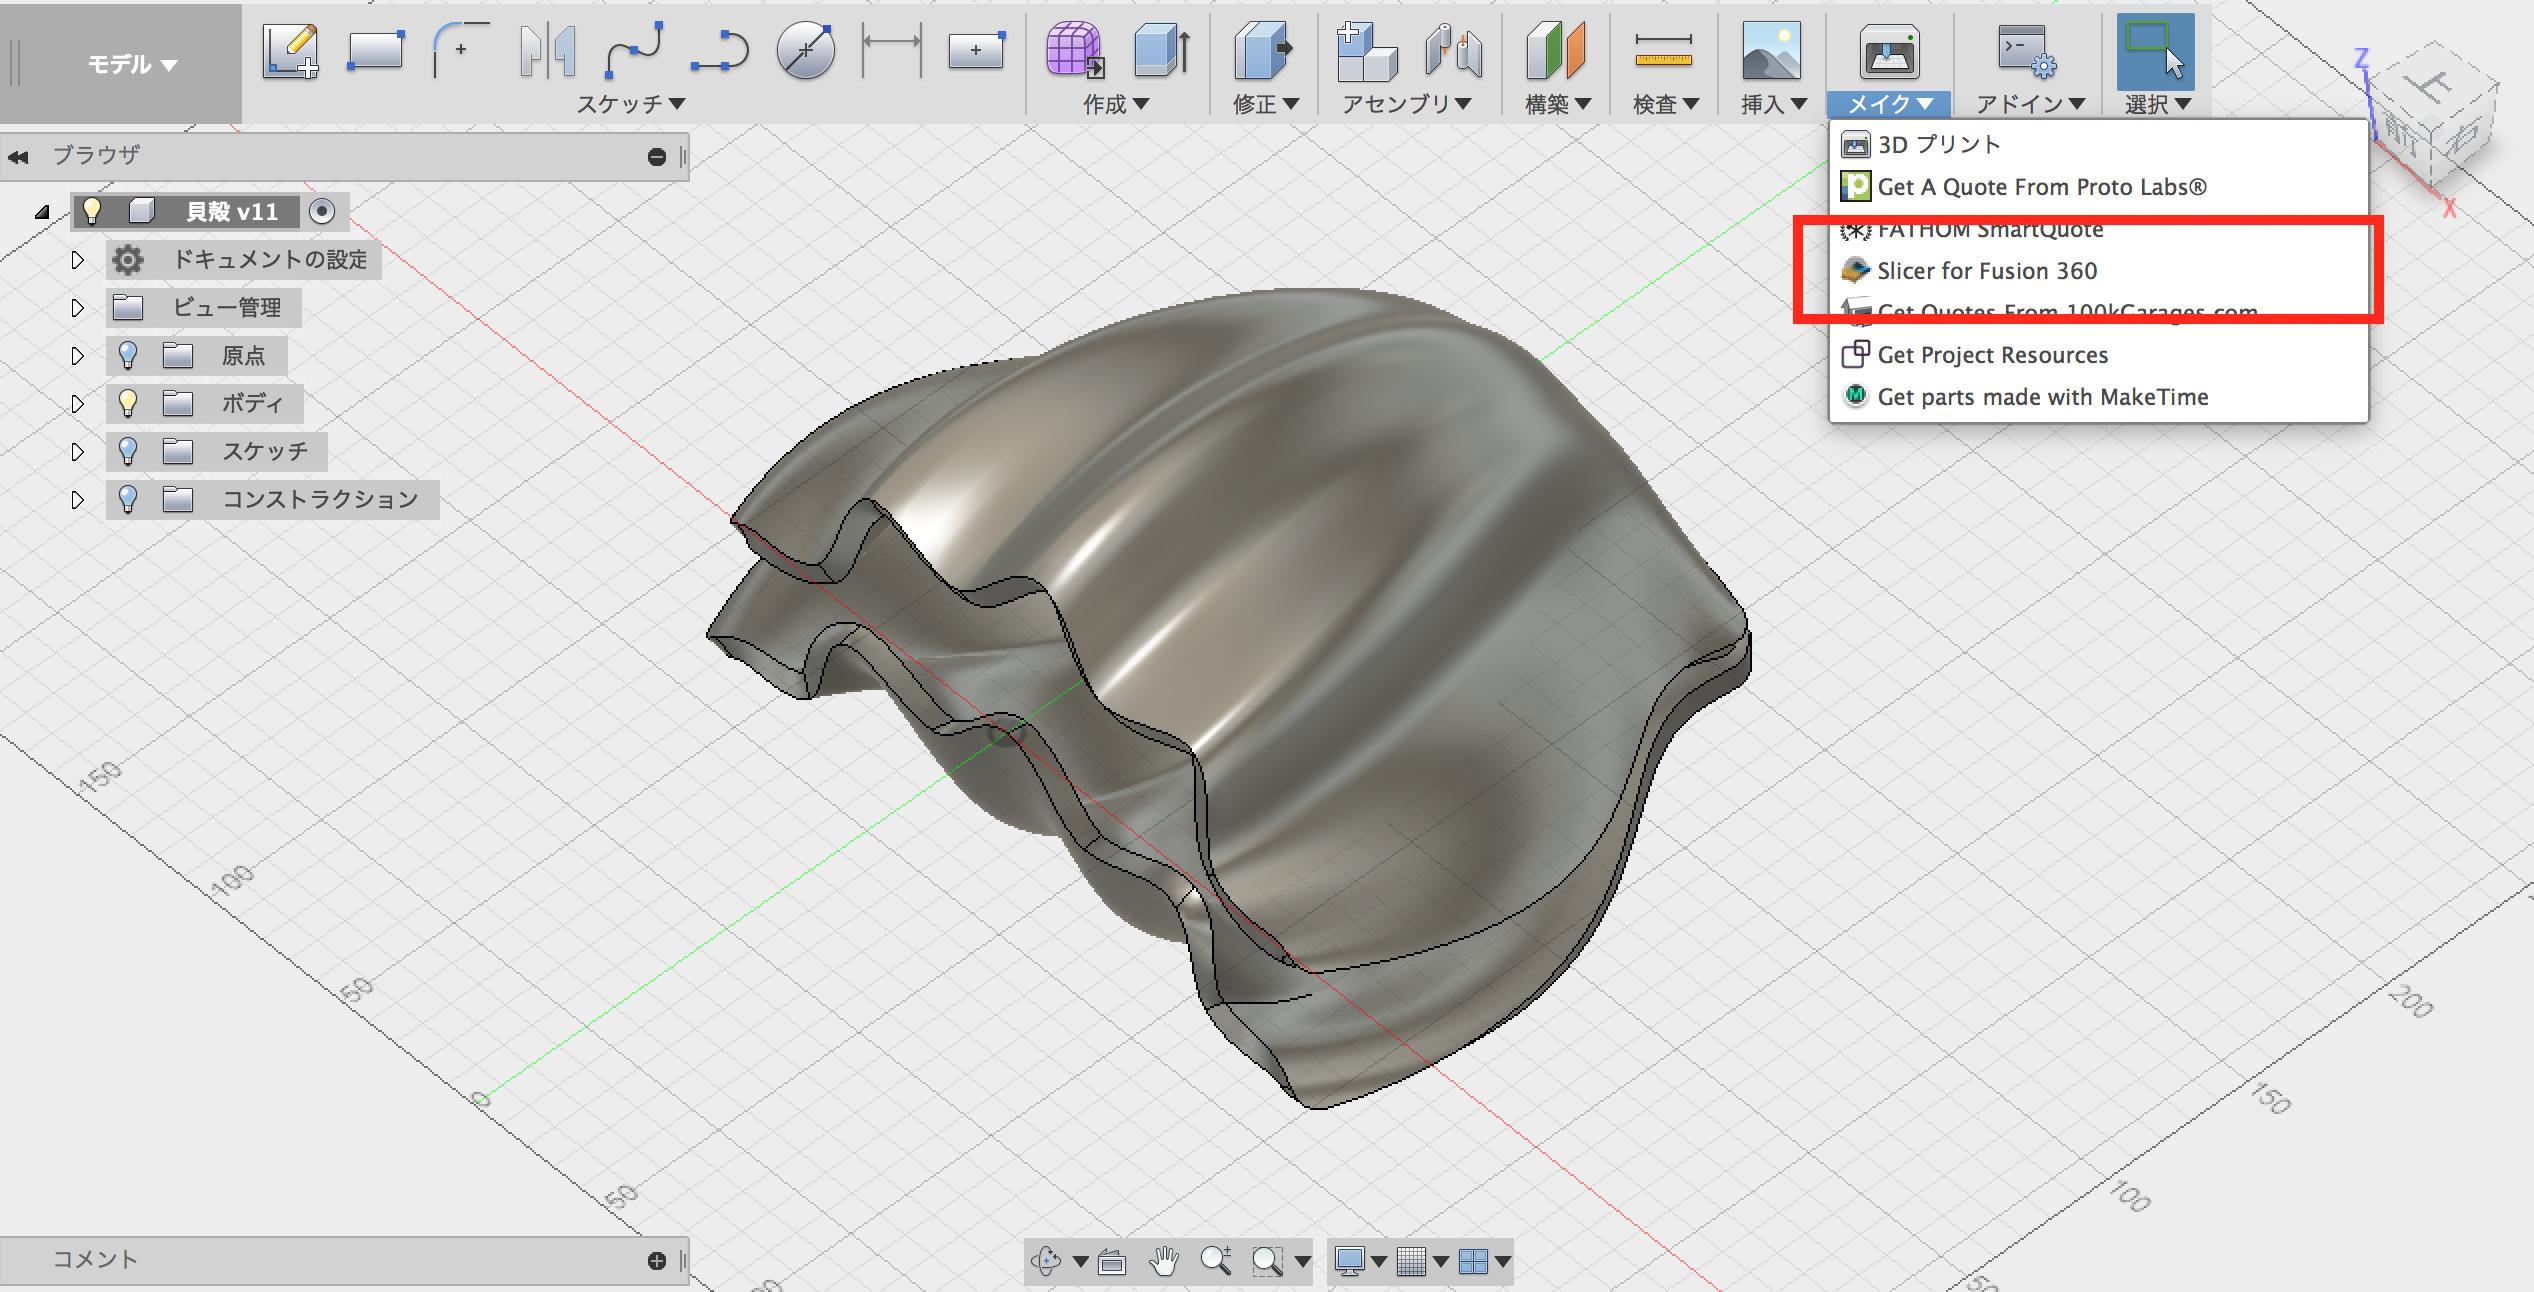 インストール後にメイクからSlicer for Fusion360を入手